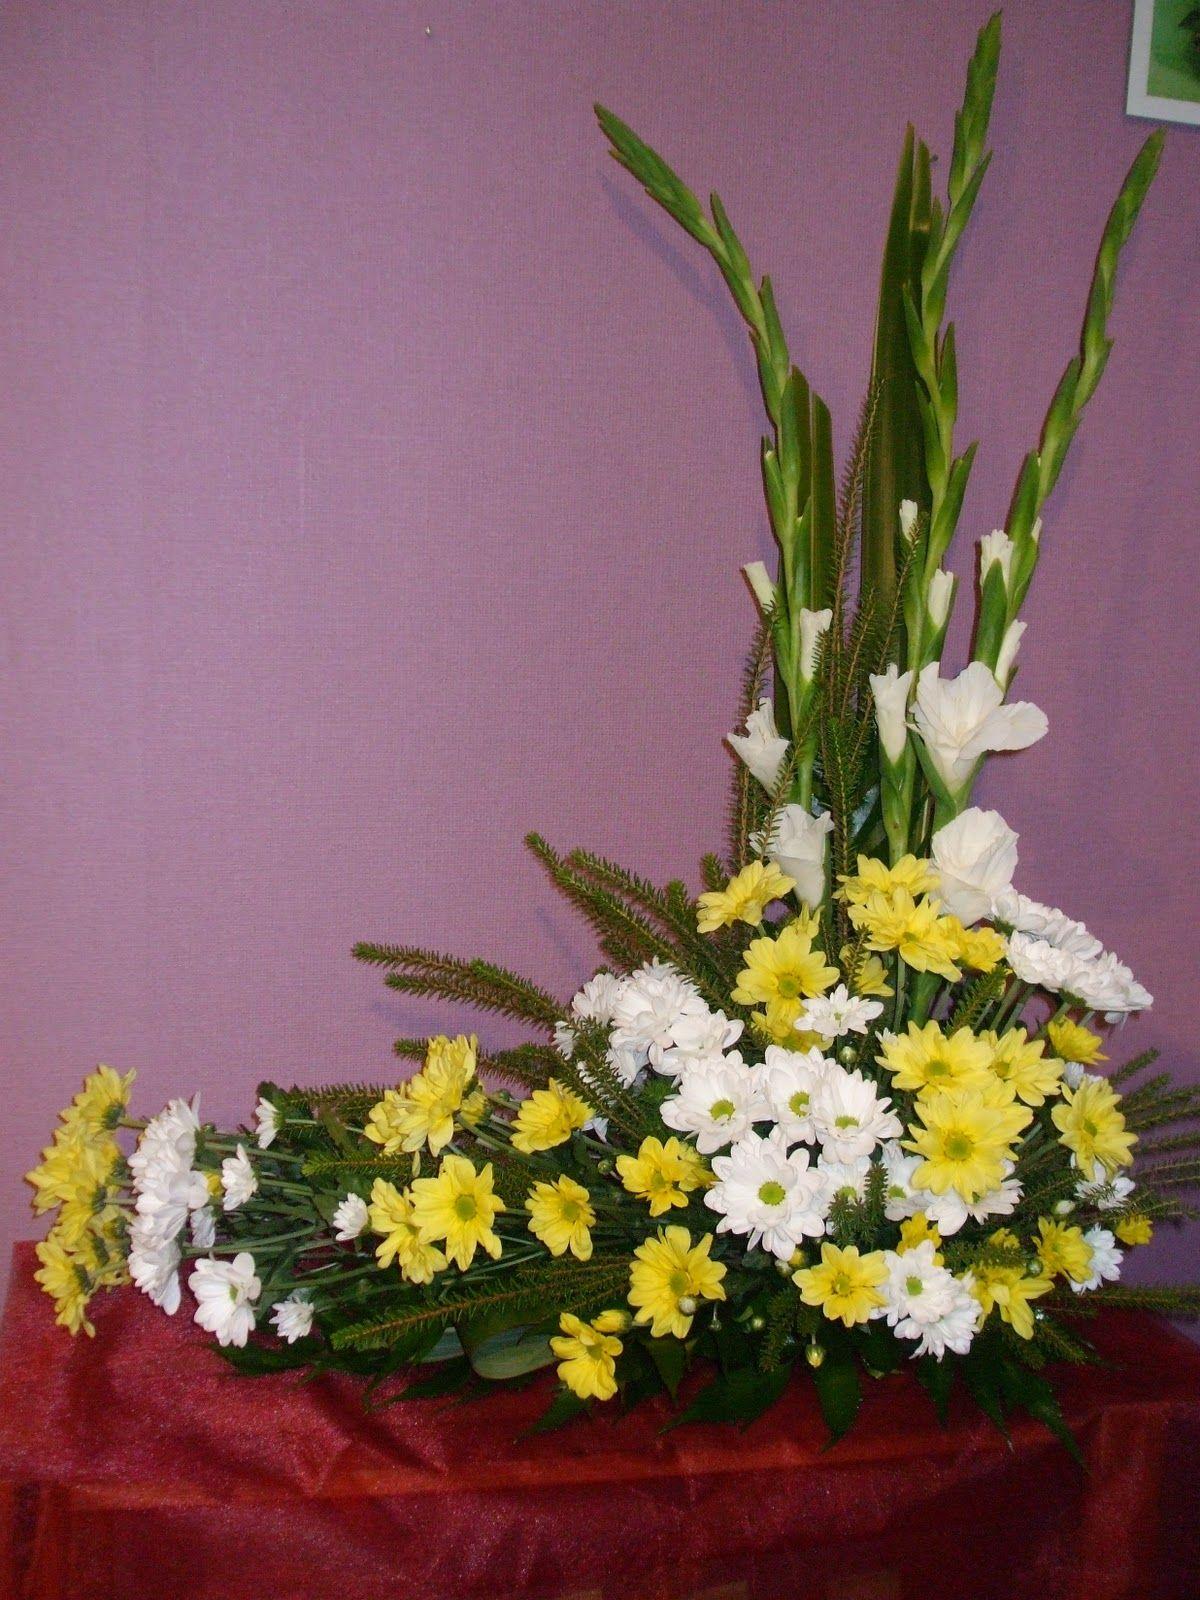 029 Jpg 1200 1600 Grandes Arranjos Florais Grandes Arranjos